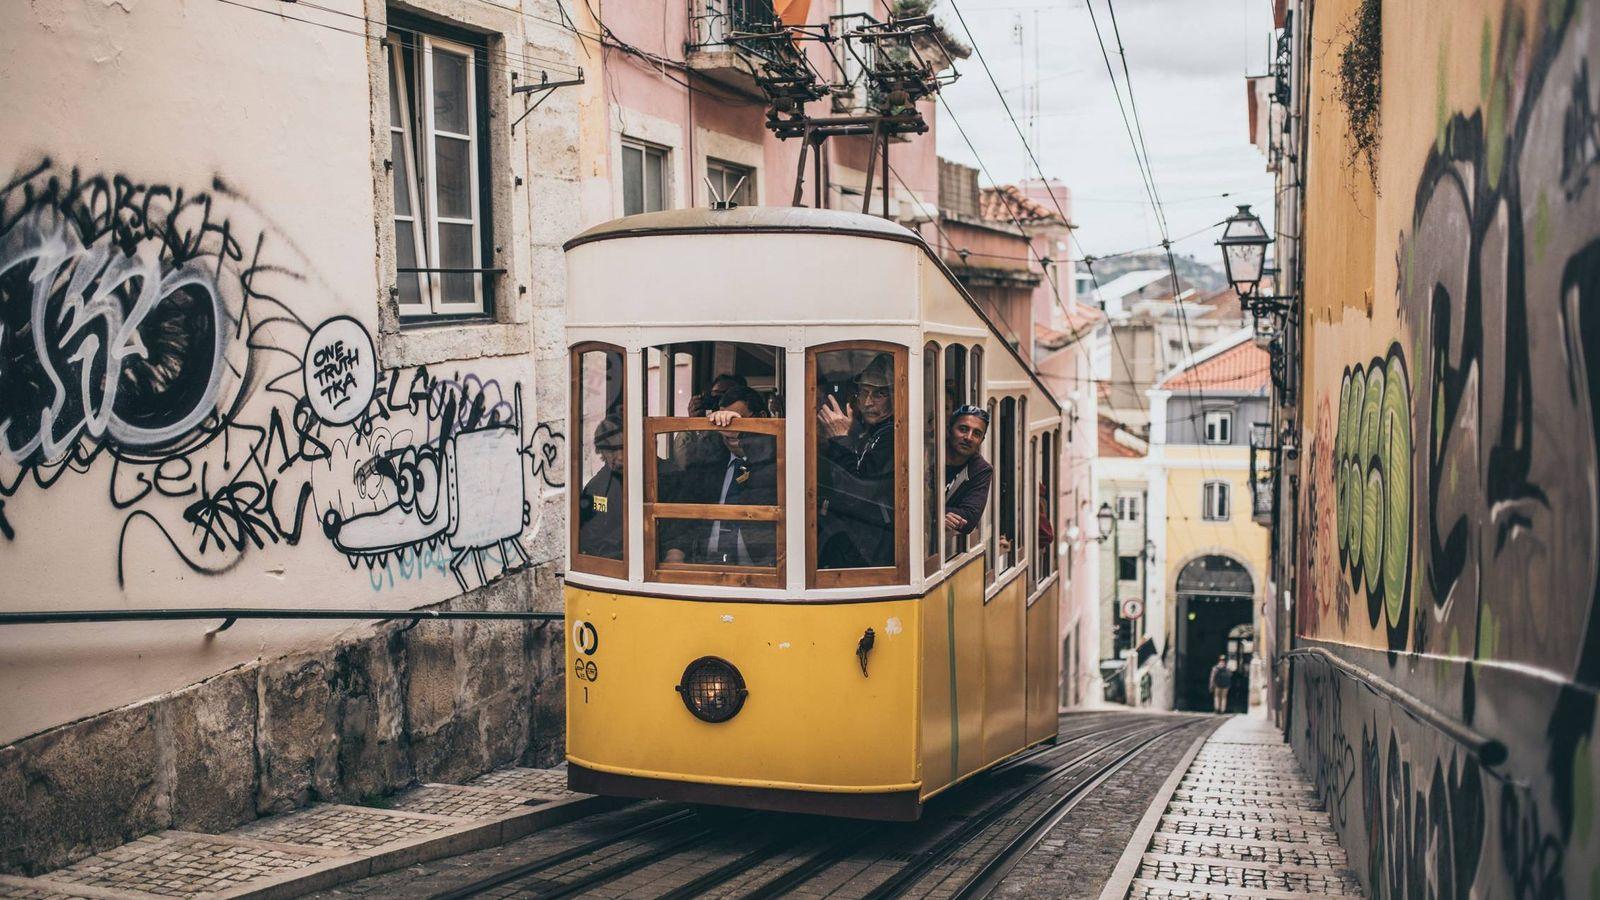 Foto: Uno de los encantos de Lisboa son sus tranvías, pero esconde mucho más. (Unsplash)